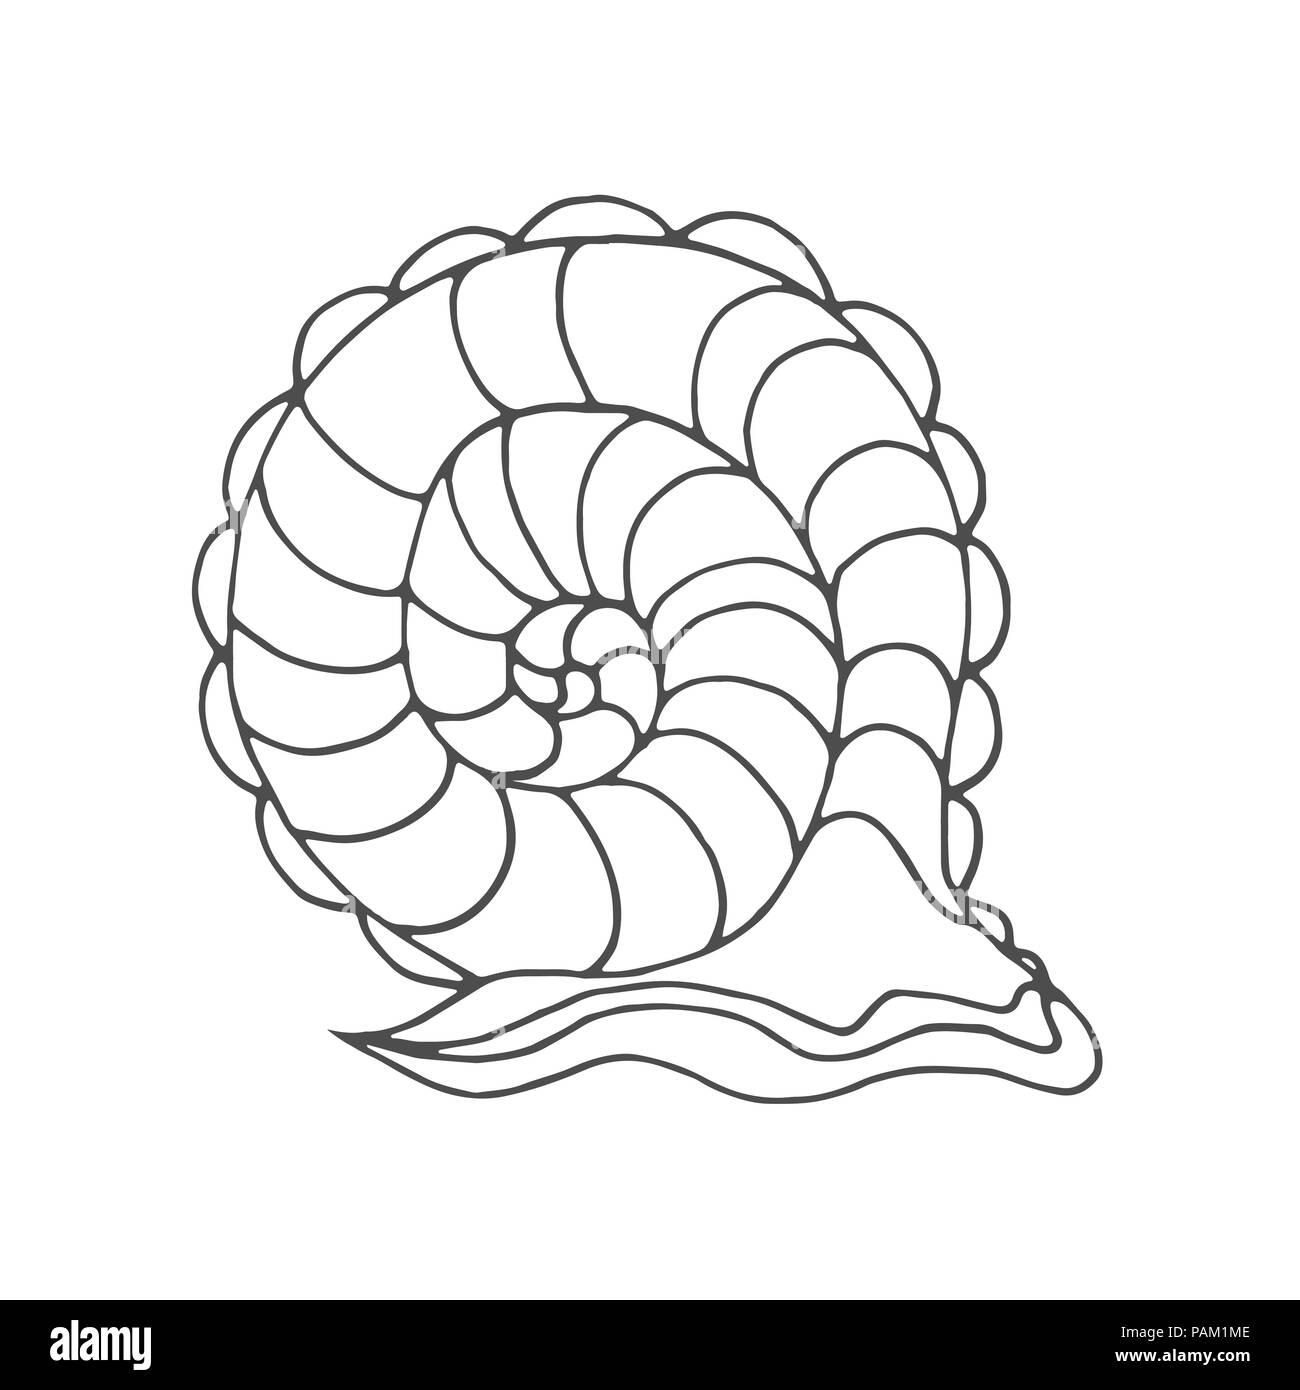 Coloriage Adulte Personnage.Escargot A Colorier Pour Les Enfants Et Les Adultes Modele Isole